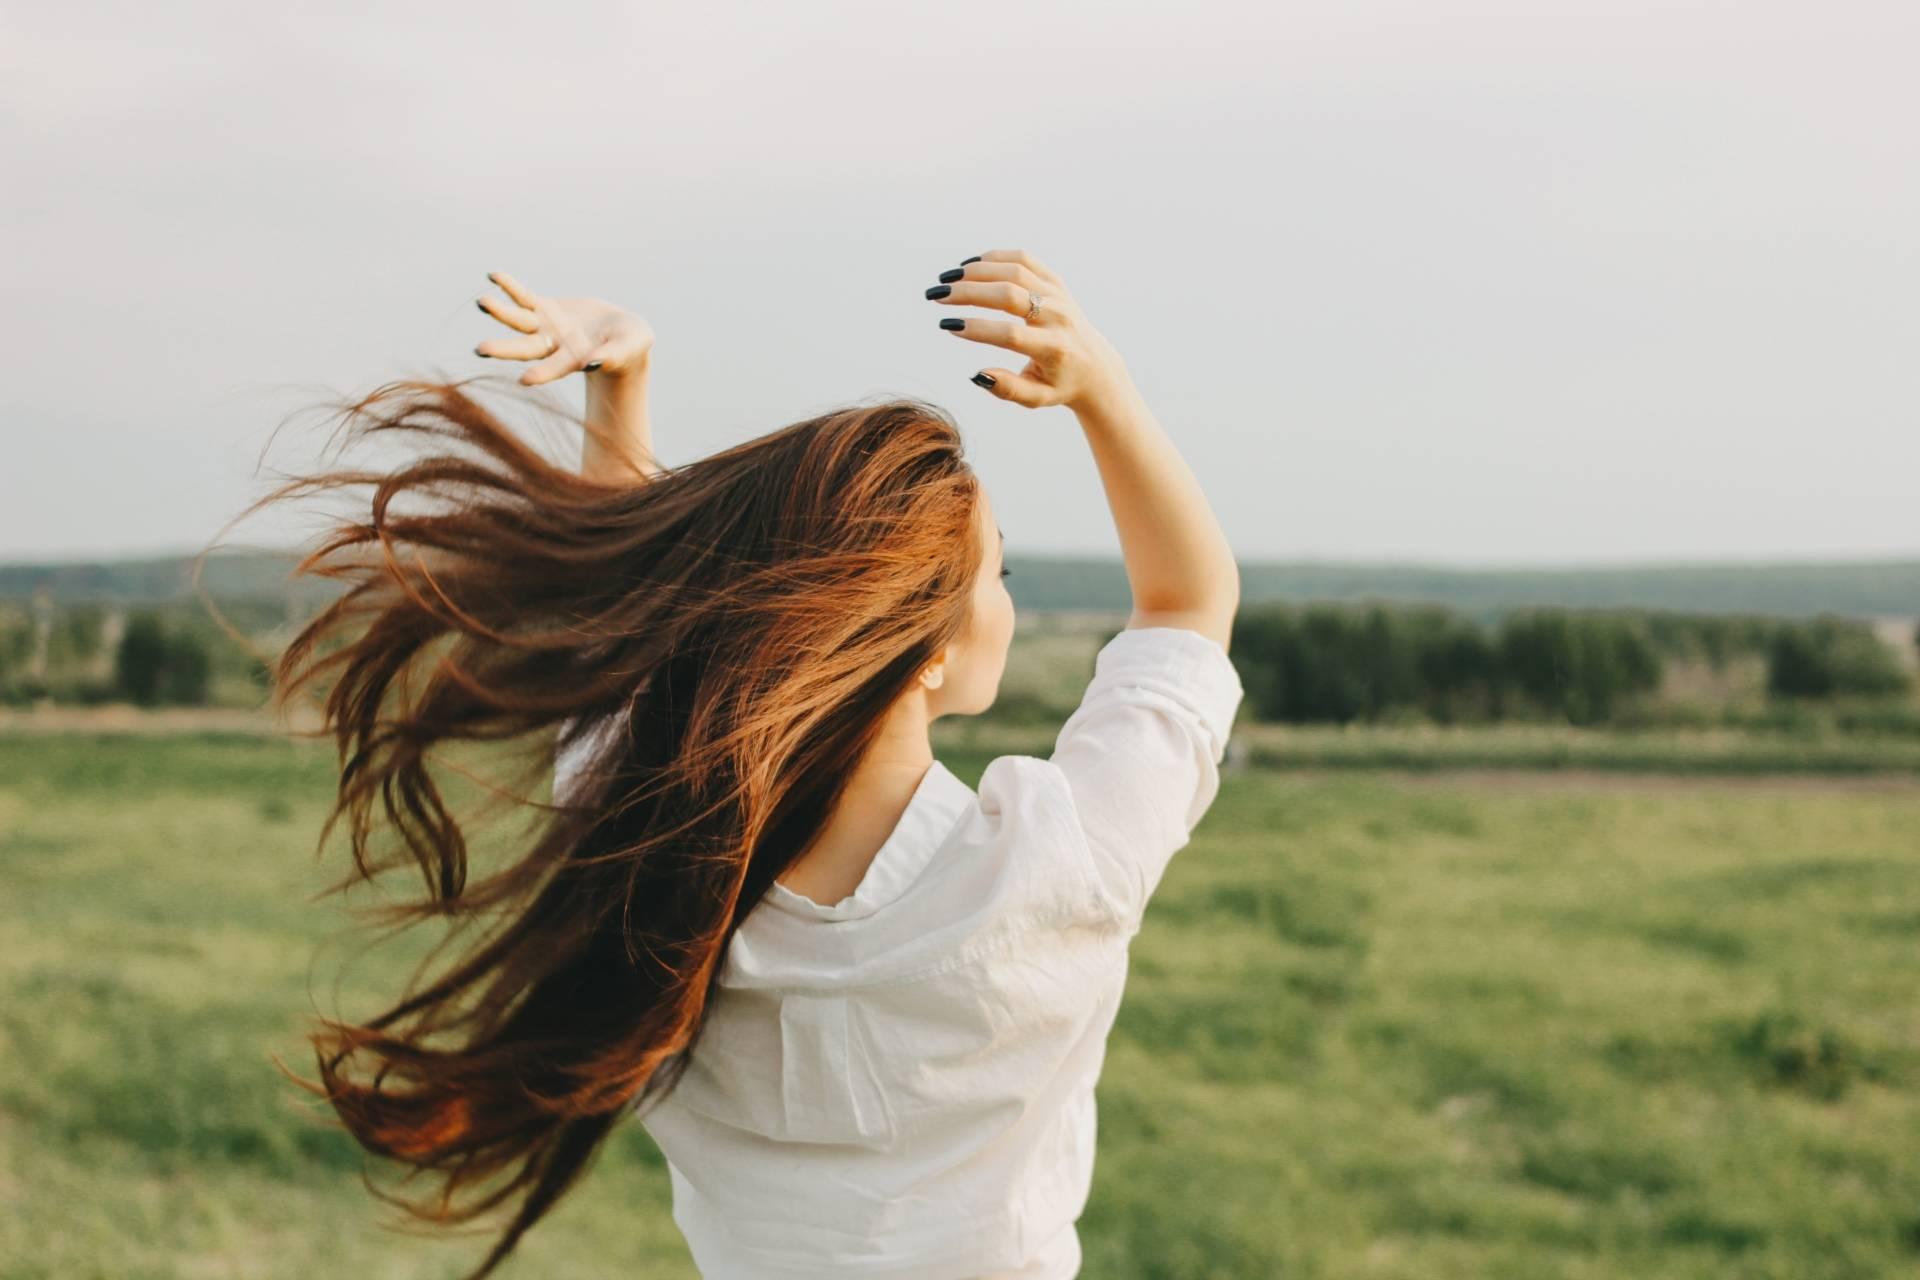 Lachesis mutus - lek homeopatyczny dla kobiet. Rudowłosa kobieta w białej bluzce stoi na polu tyłem do aparatu, a jej włosy rozwiewa wiatr.